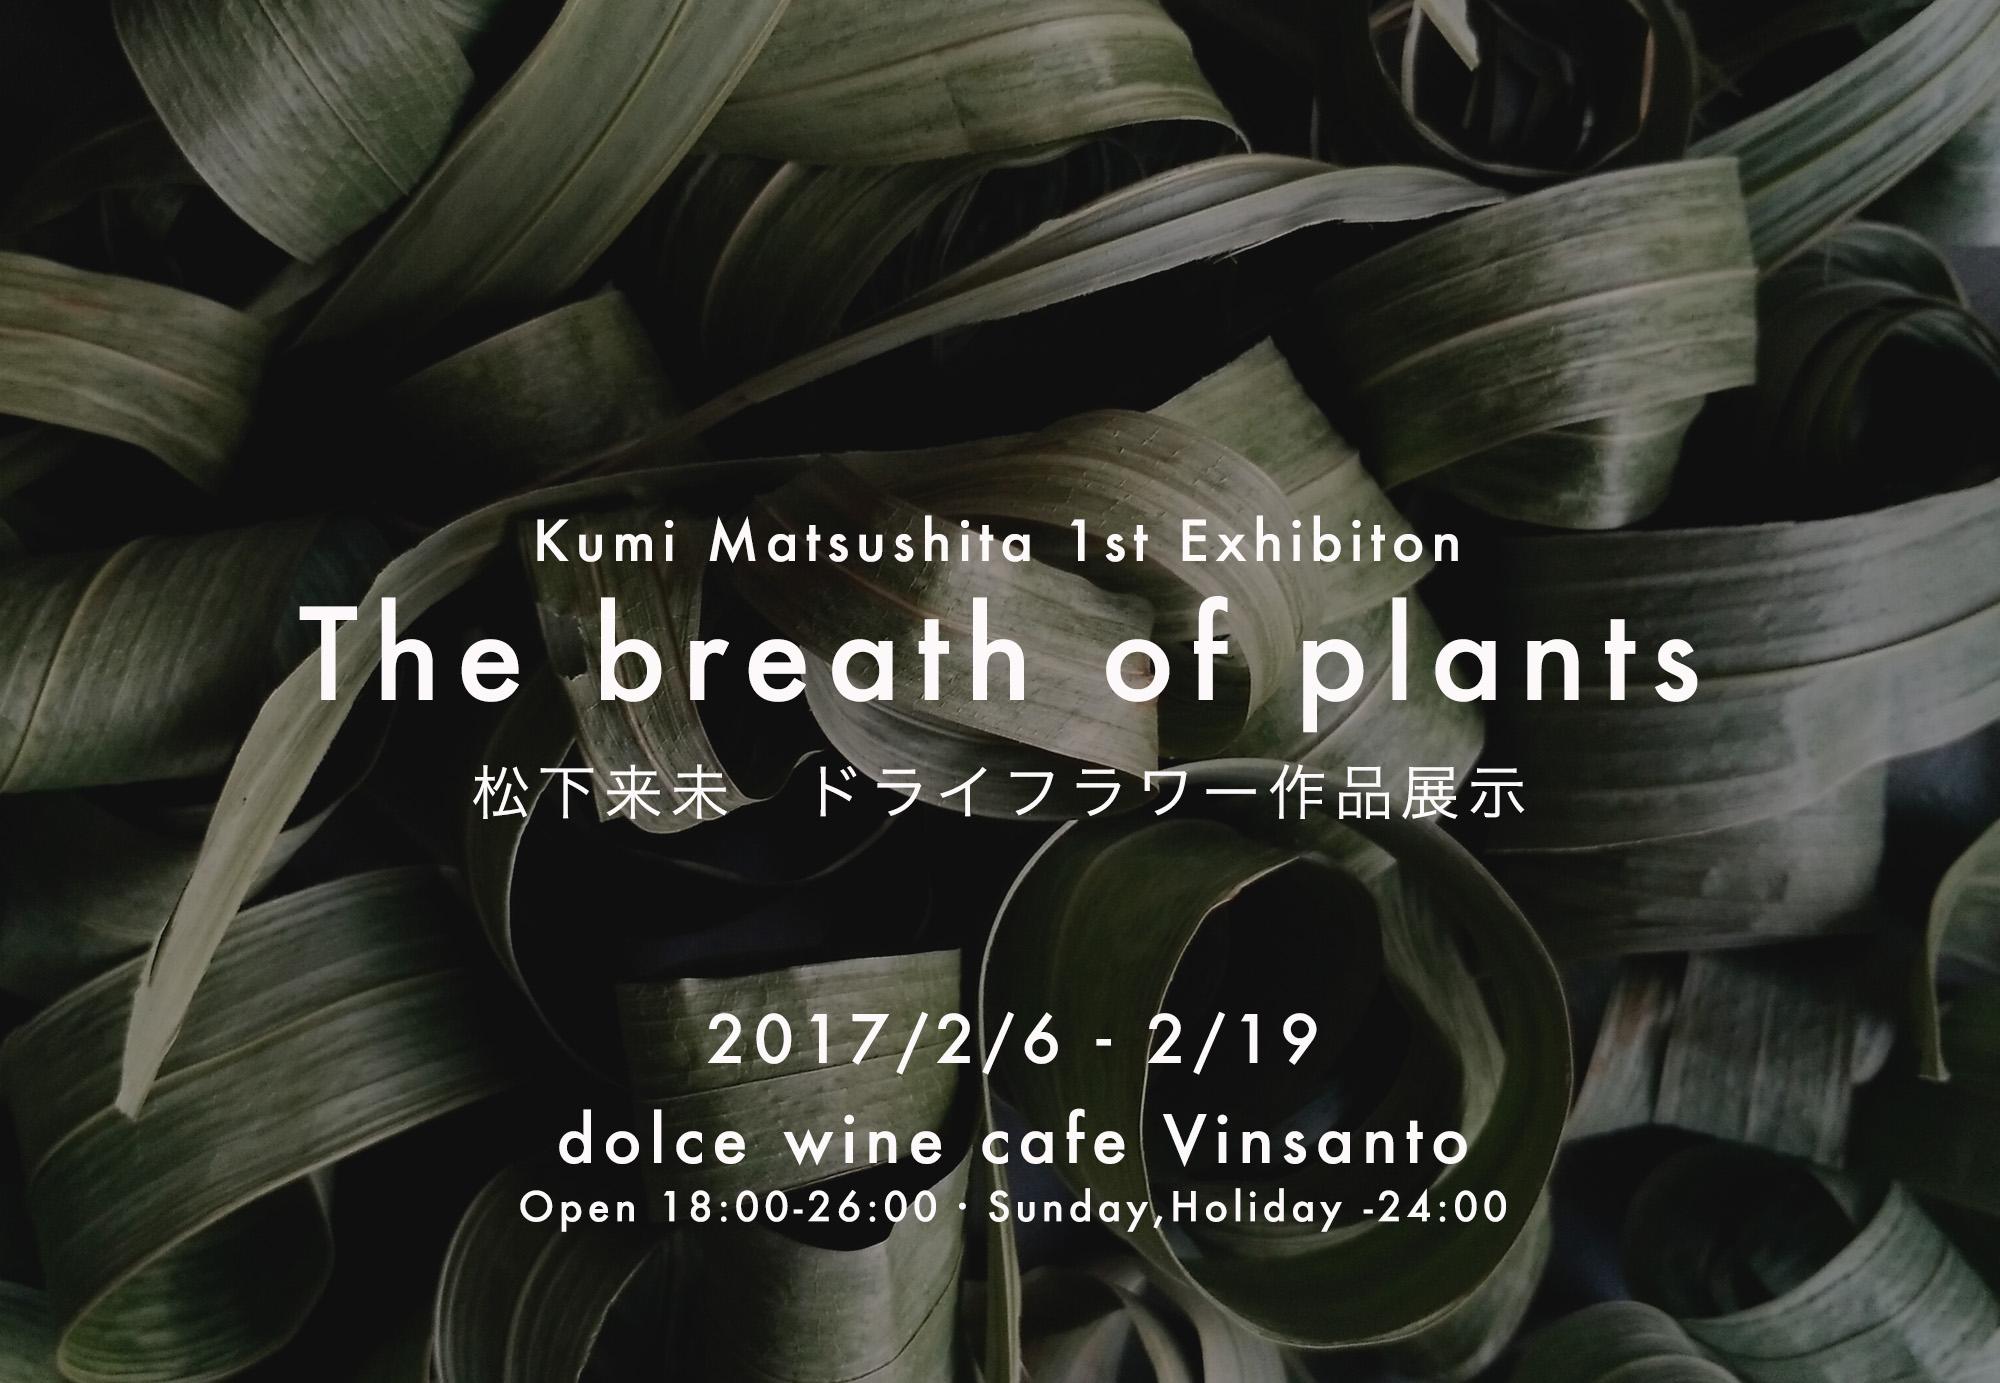 個展「The breath of plants」のお知らせ